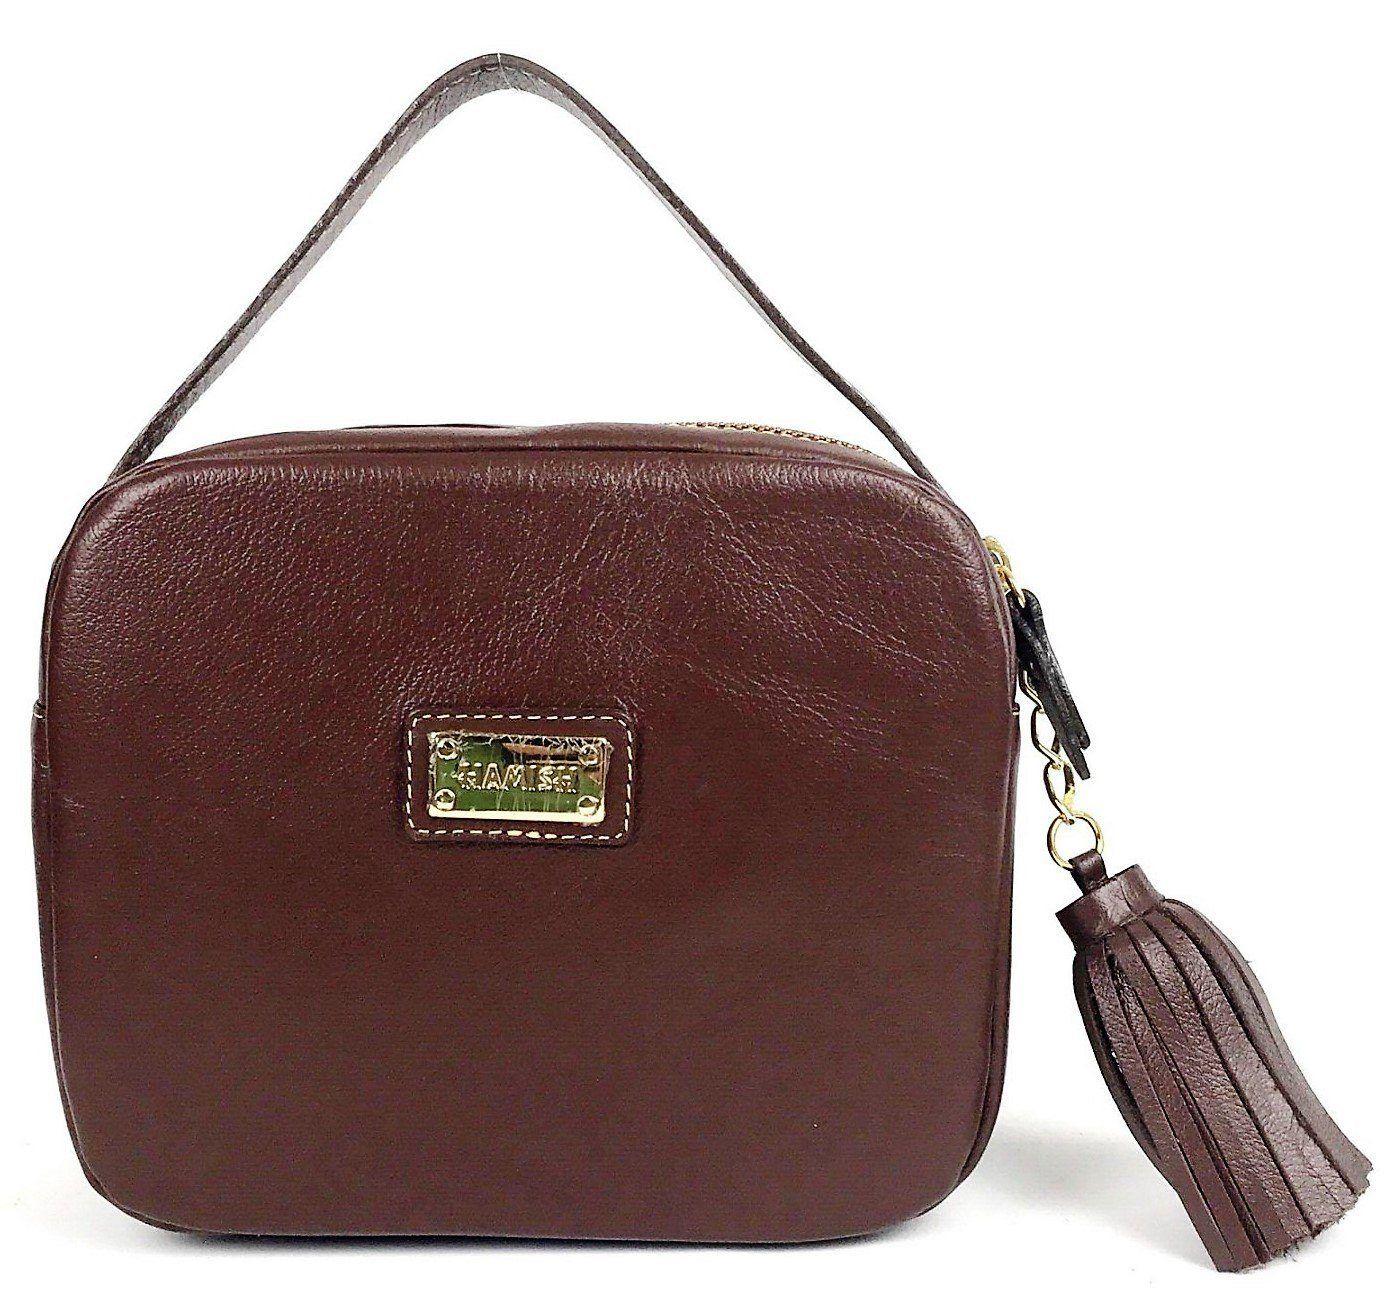 9d8634435 Bolsa feminina marrom pequena de couro tiracolo com alça de mão e  transversal HB629   HAMISH